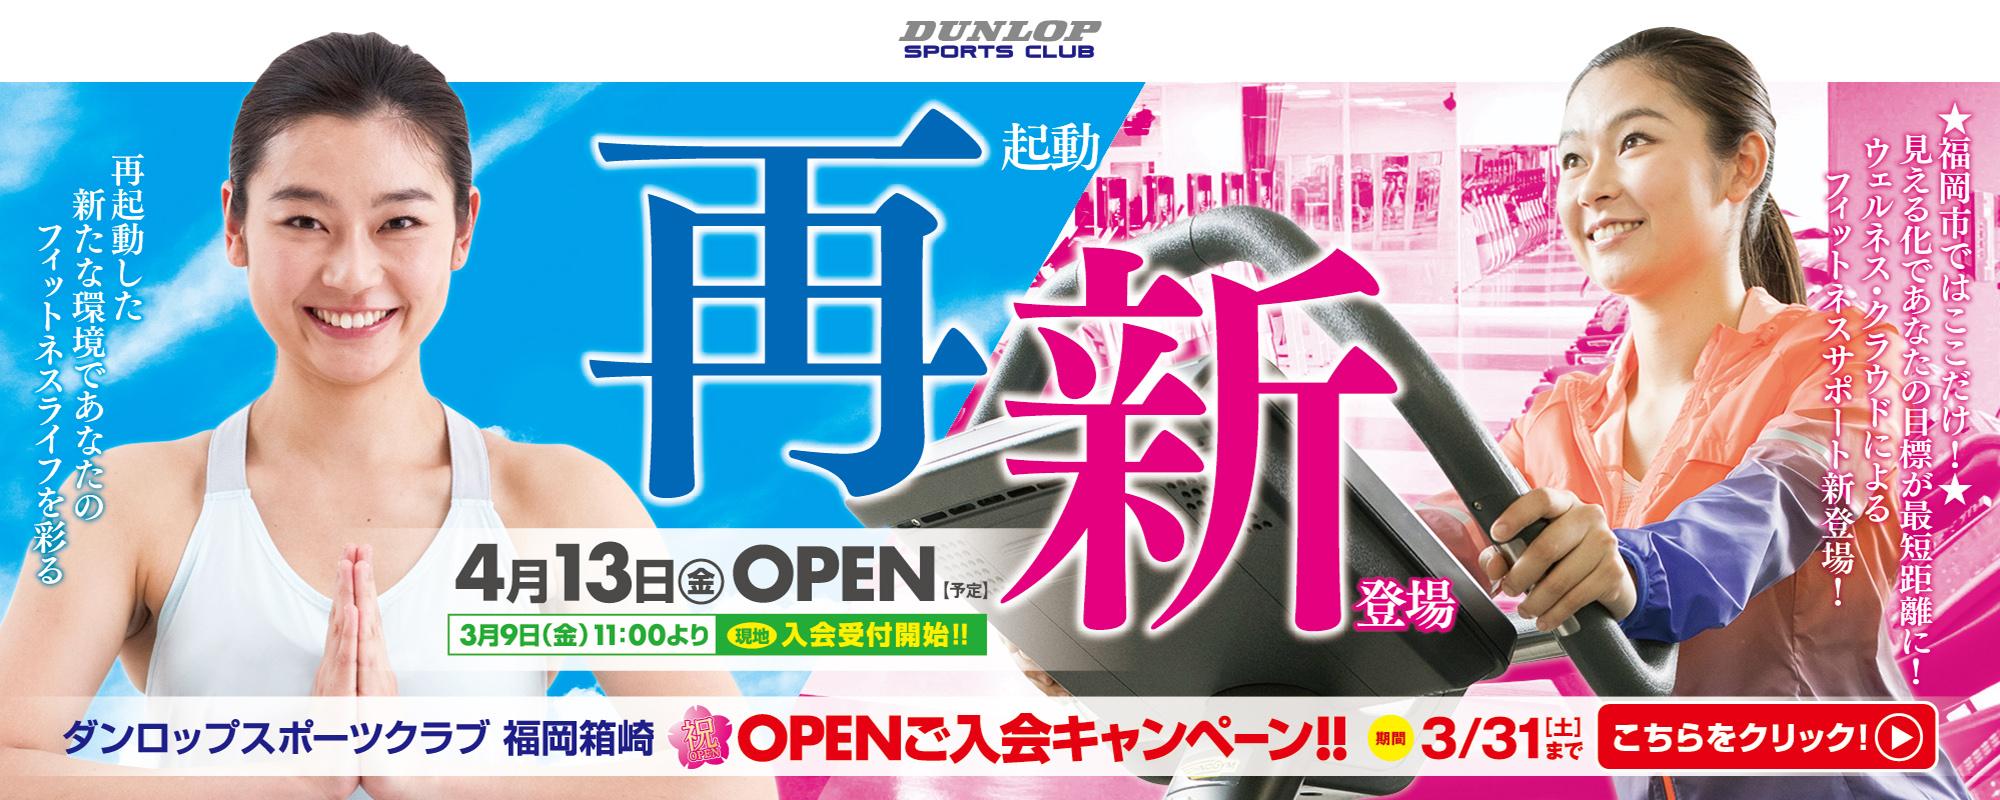 ダンロップスポーツクラブ福岡箱崎の入会予約情報